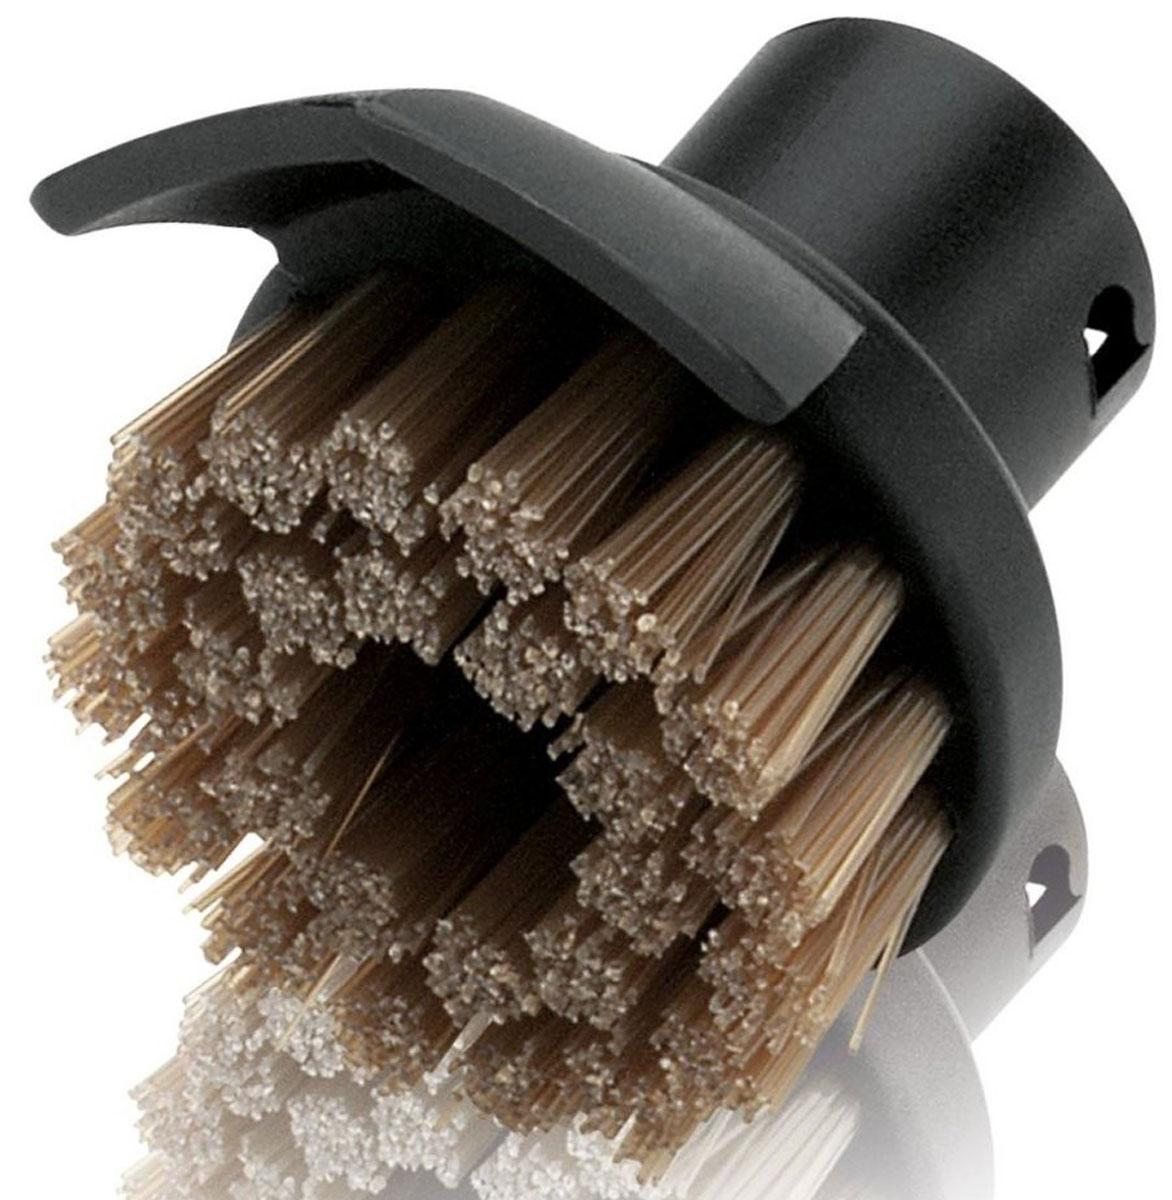 Karcher 28631400 насадка для пароочистителя28631400Насадка Karcher 28631400 оснащена двухрядной жаростойкой щетиной и скребком для устранения стойкой грязи (например, жировых отложений с плит). Данная насадка не подходит для обработки чувствительных поверхностей - деревянных, пластиковых и т. п. Стойкие загрязнения на керамике можно предварительно потереть скребком.